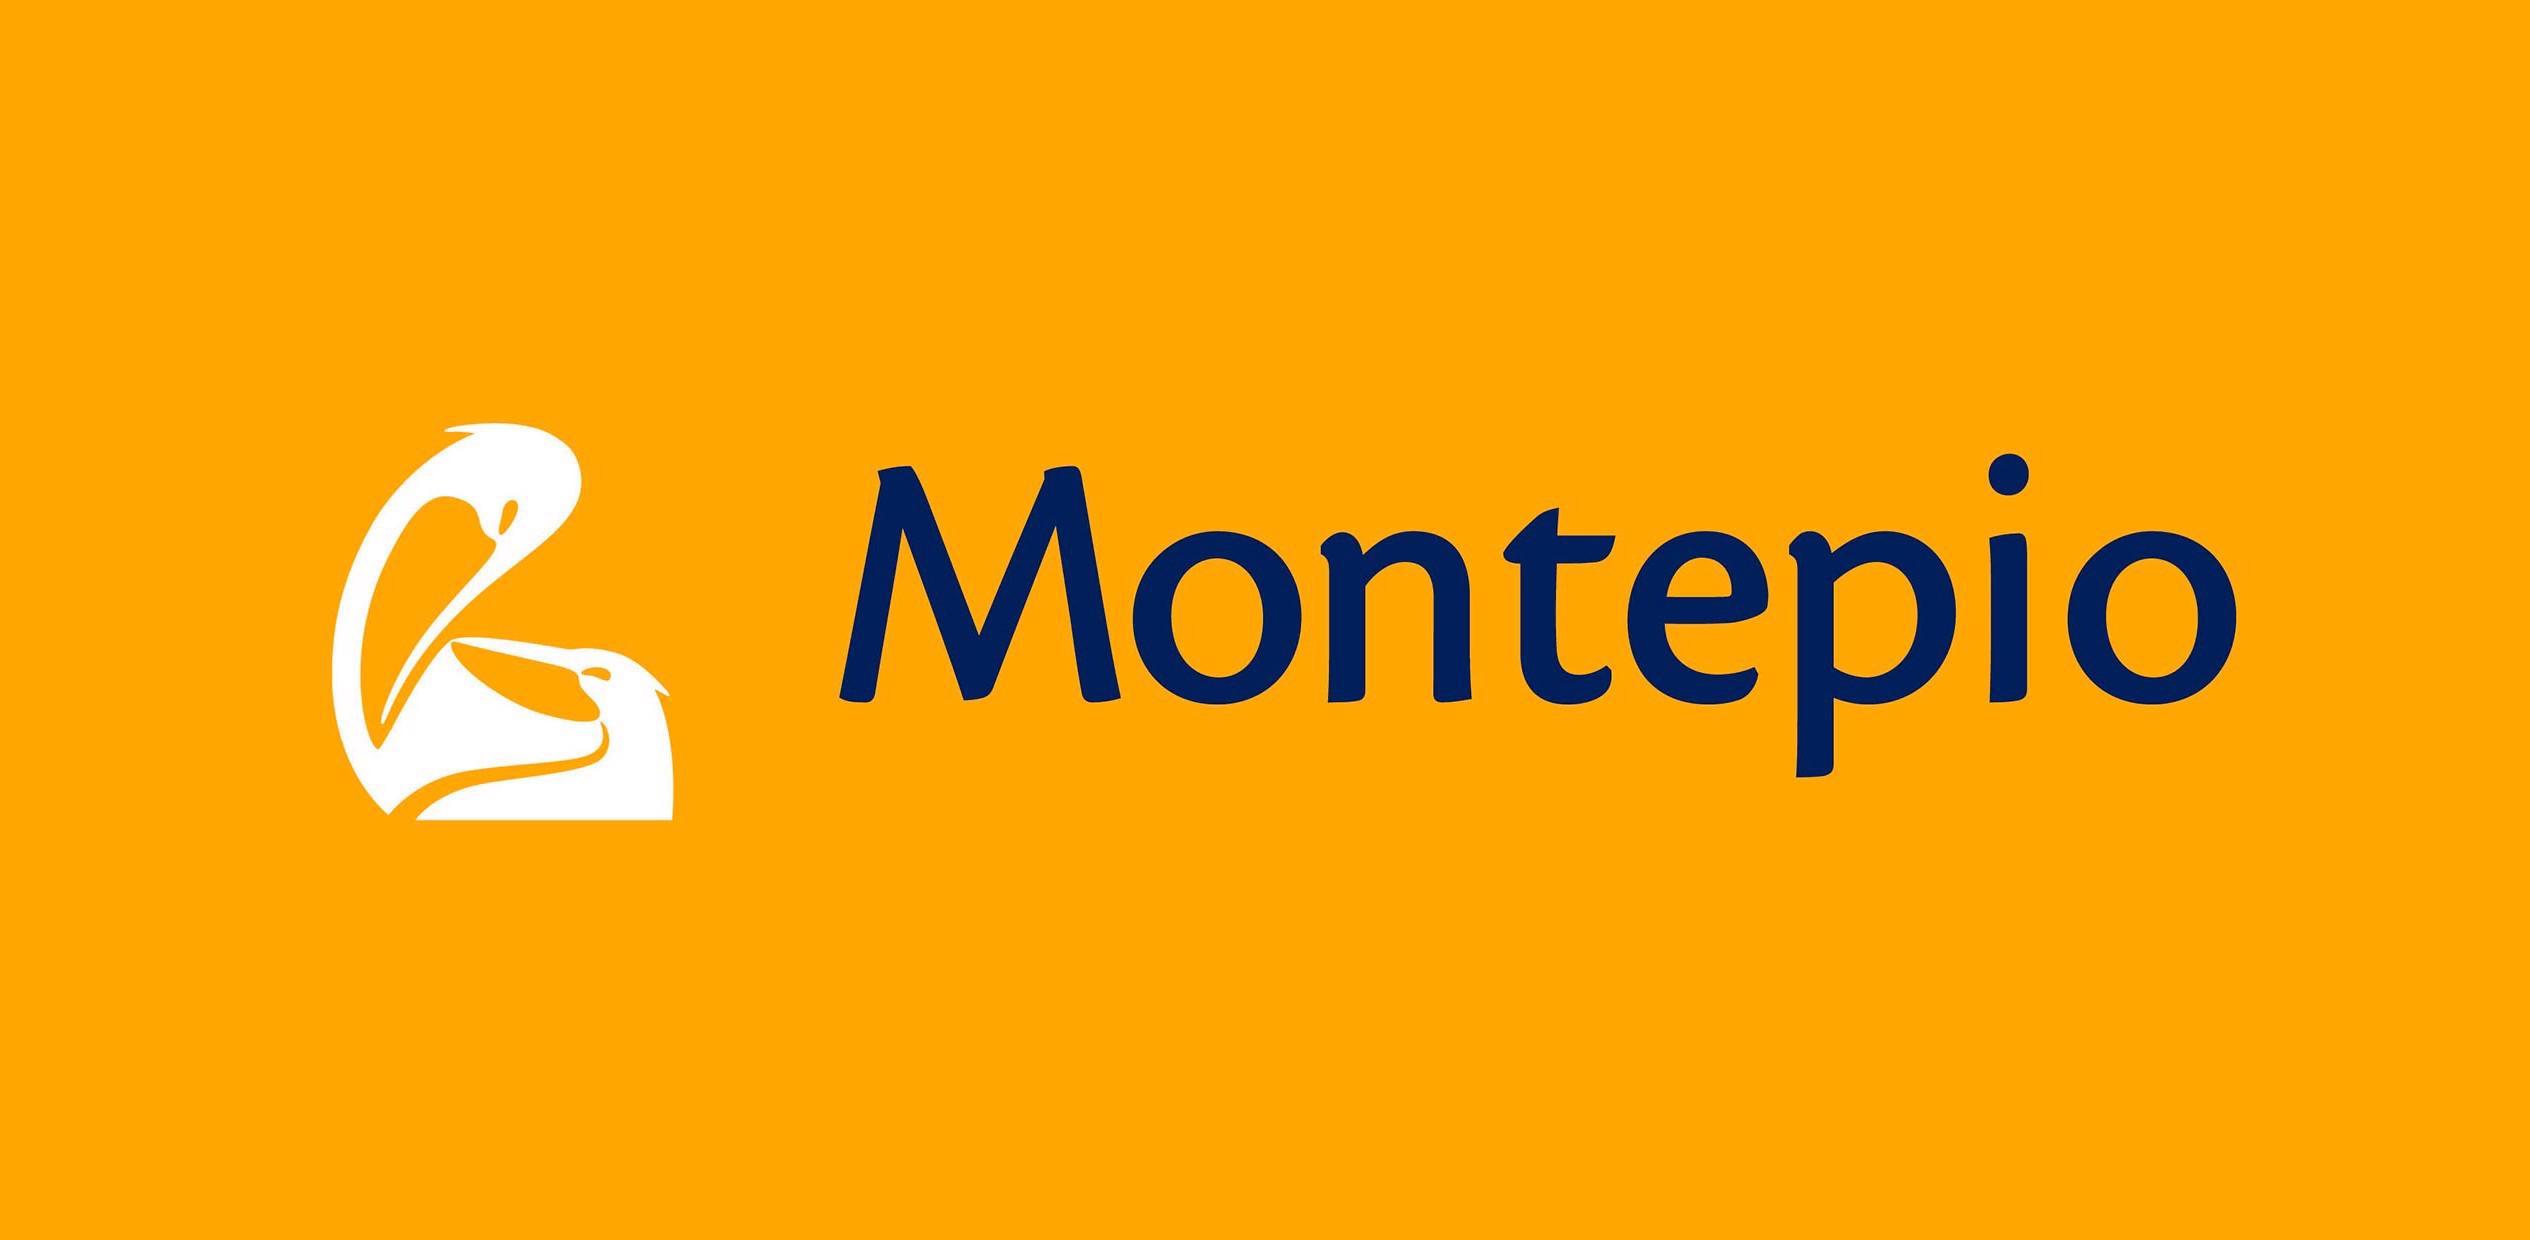 Imagem do Montepio